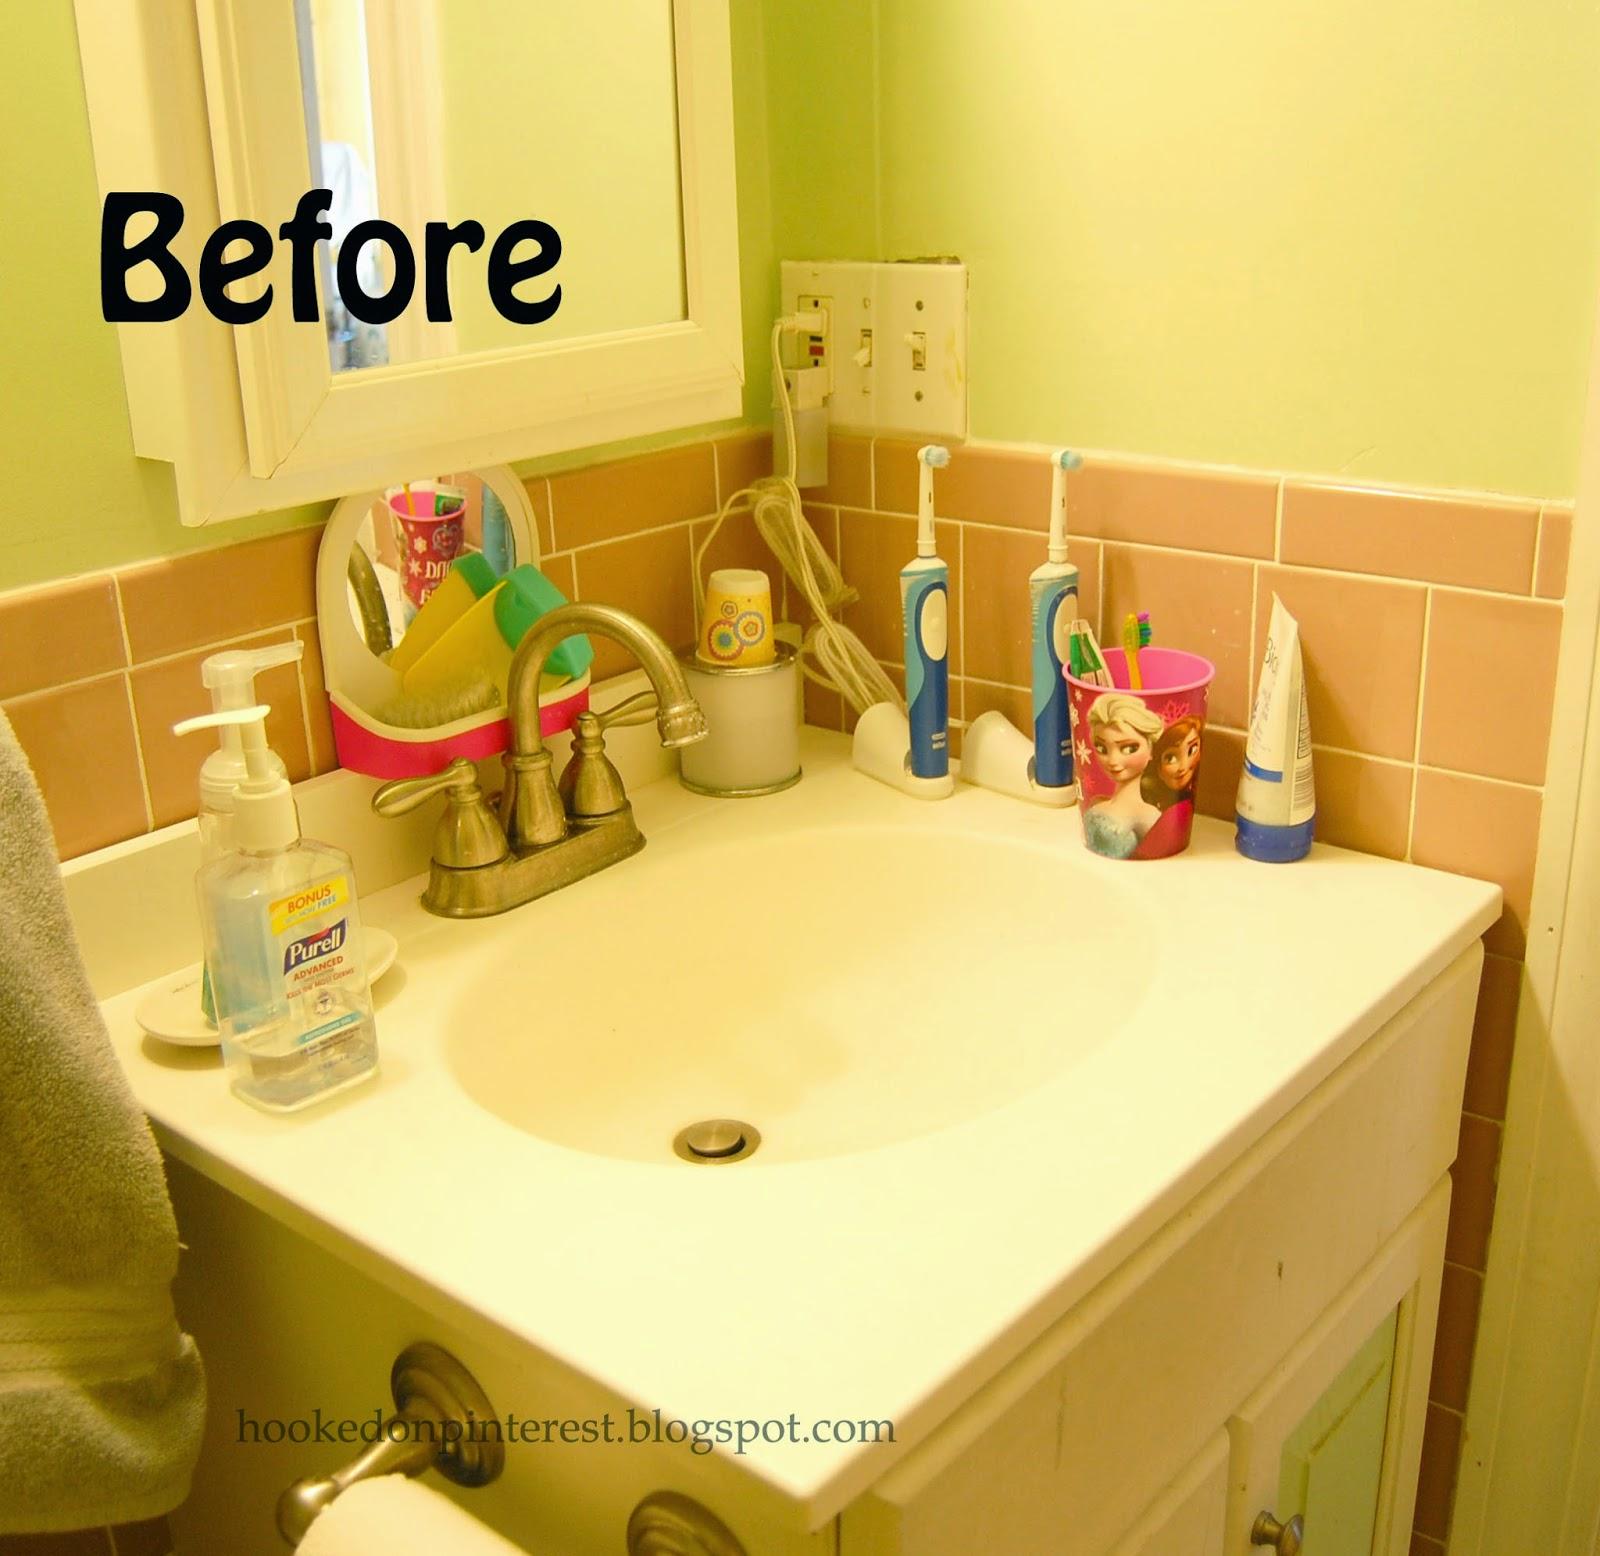 Hooked on pinterest easy velcro bathroom organization for Bathroom organization ideas pinterest